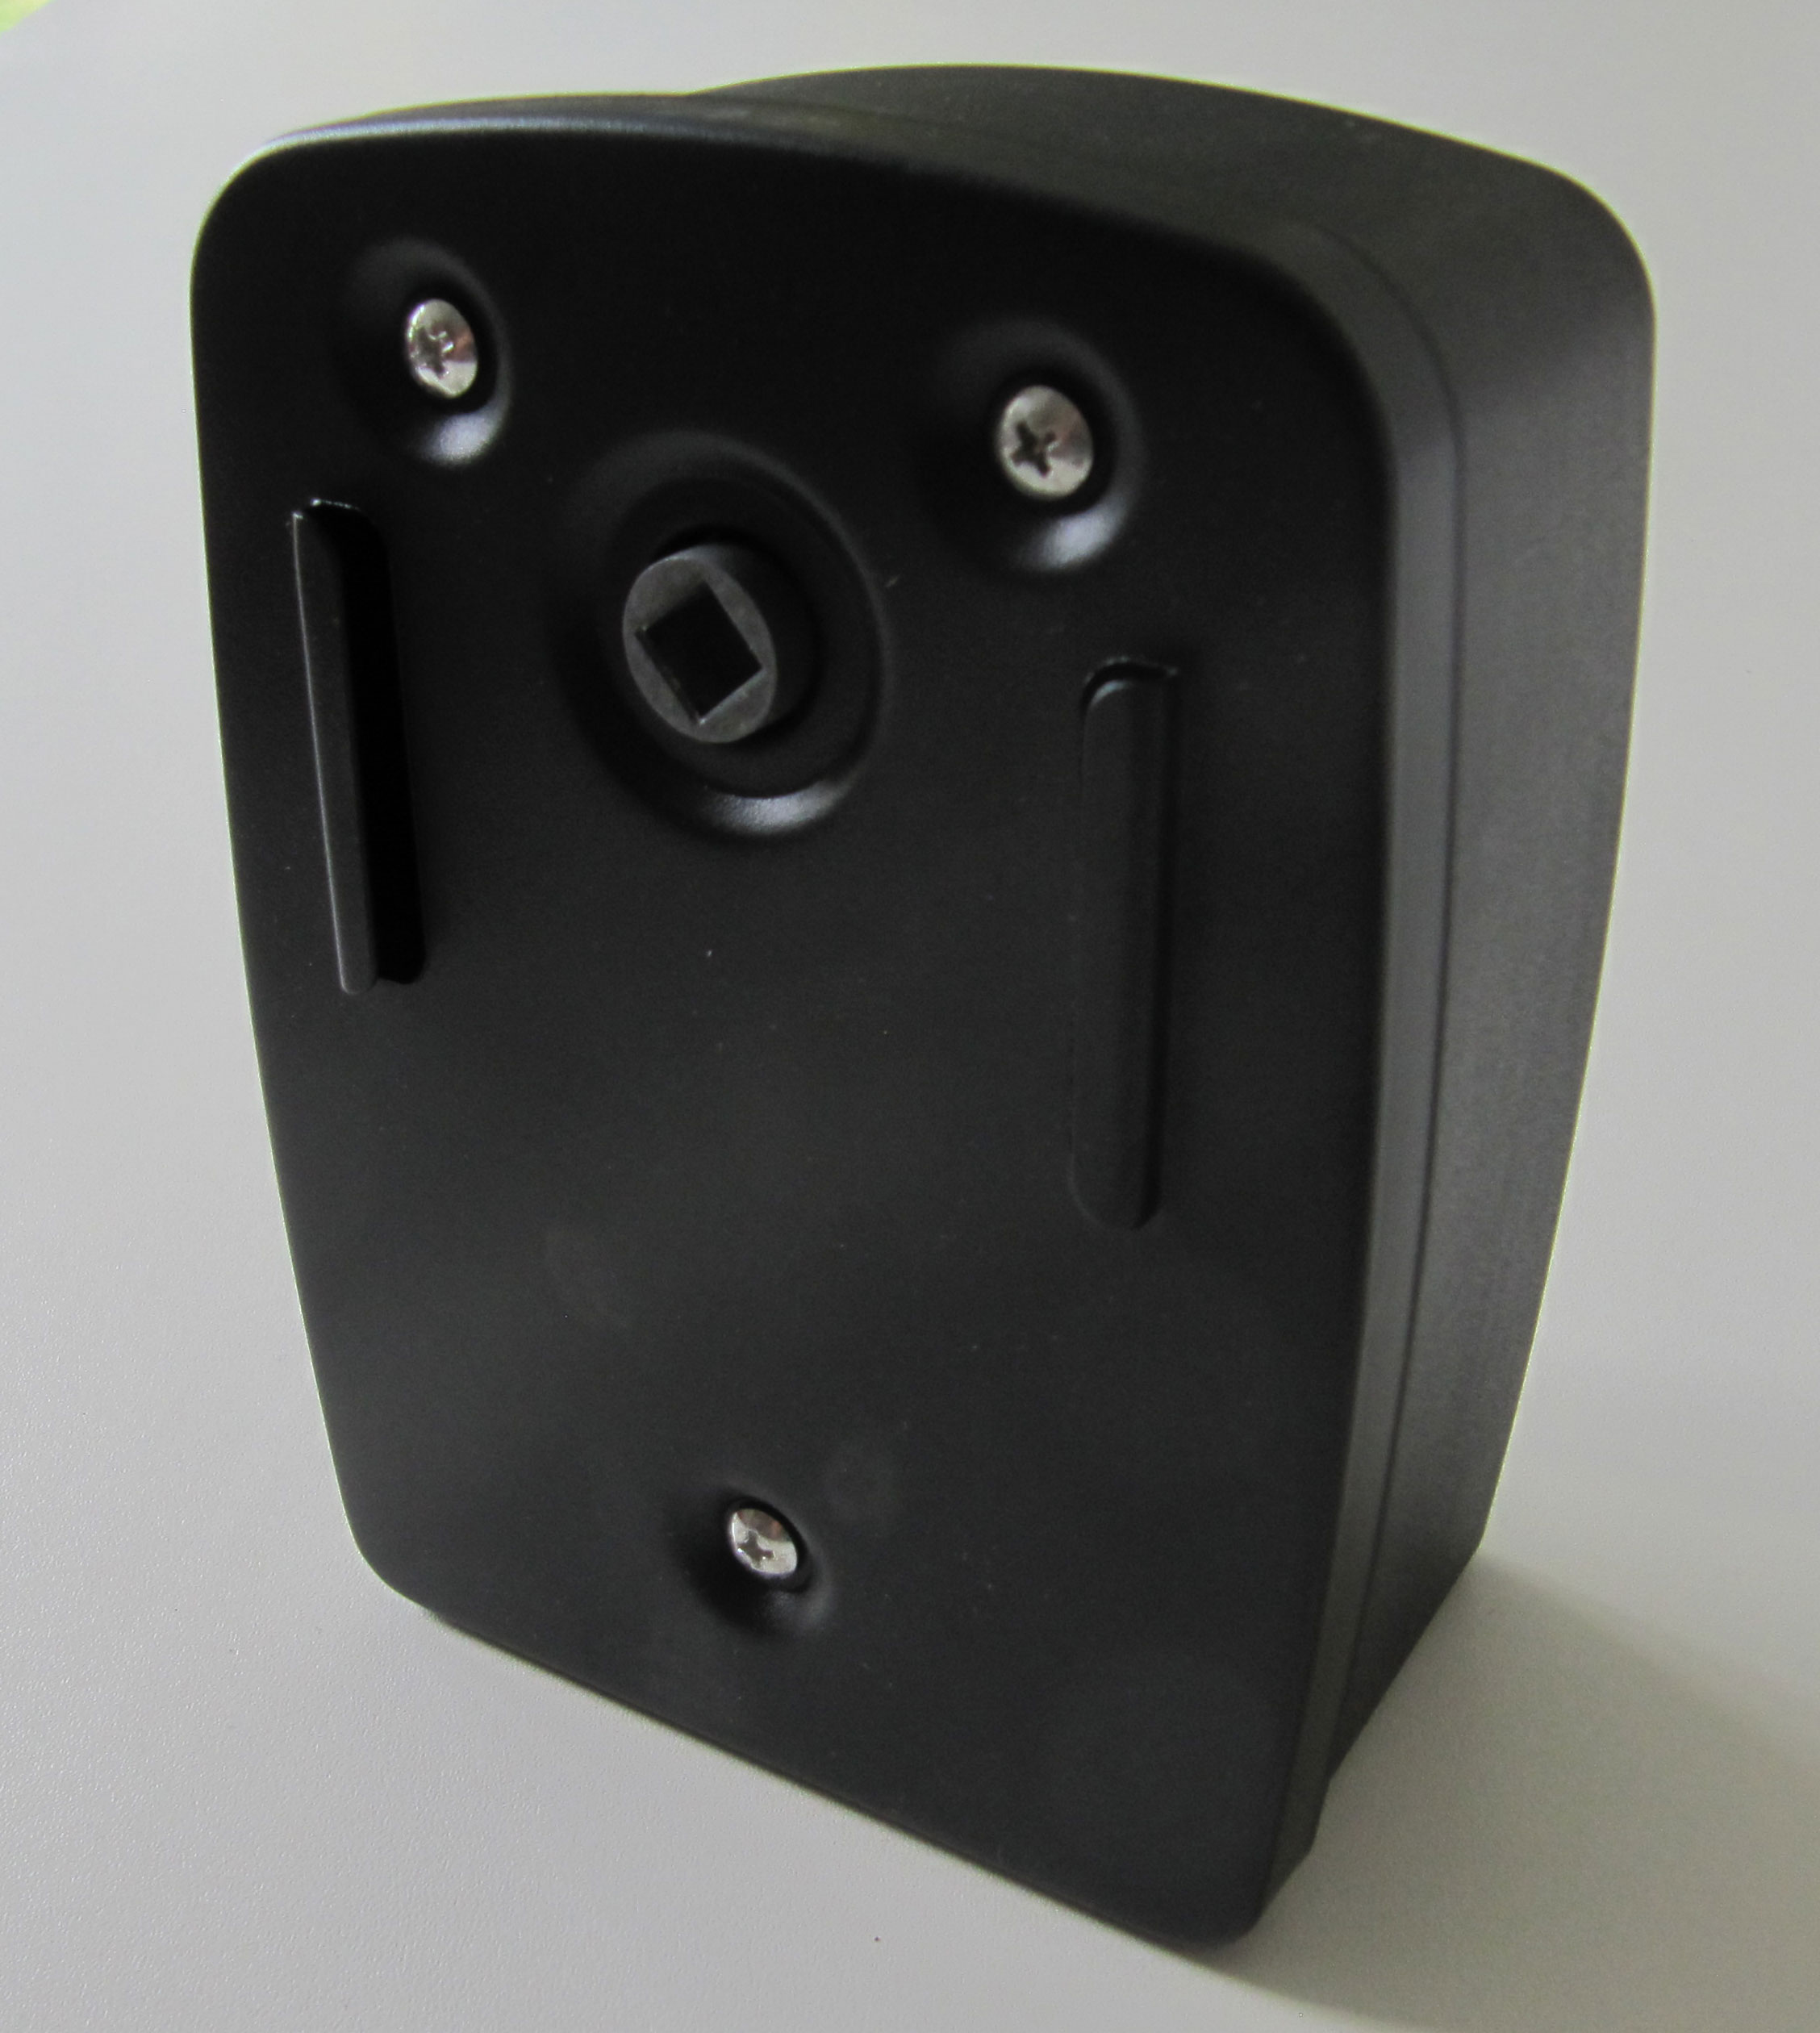 Grillmotor / Rotisserie Igor 1 batteriebetrieben Bild 1